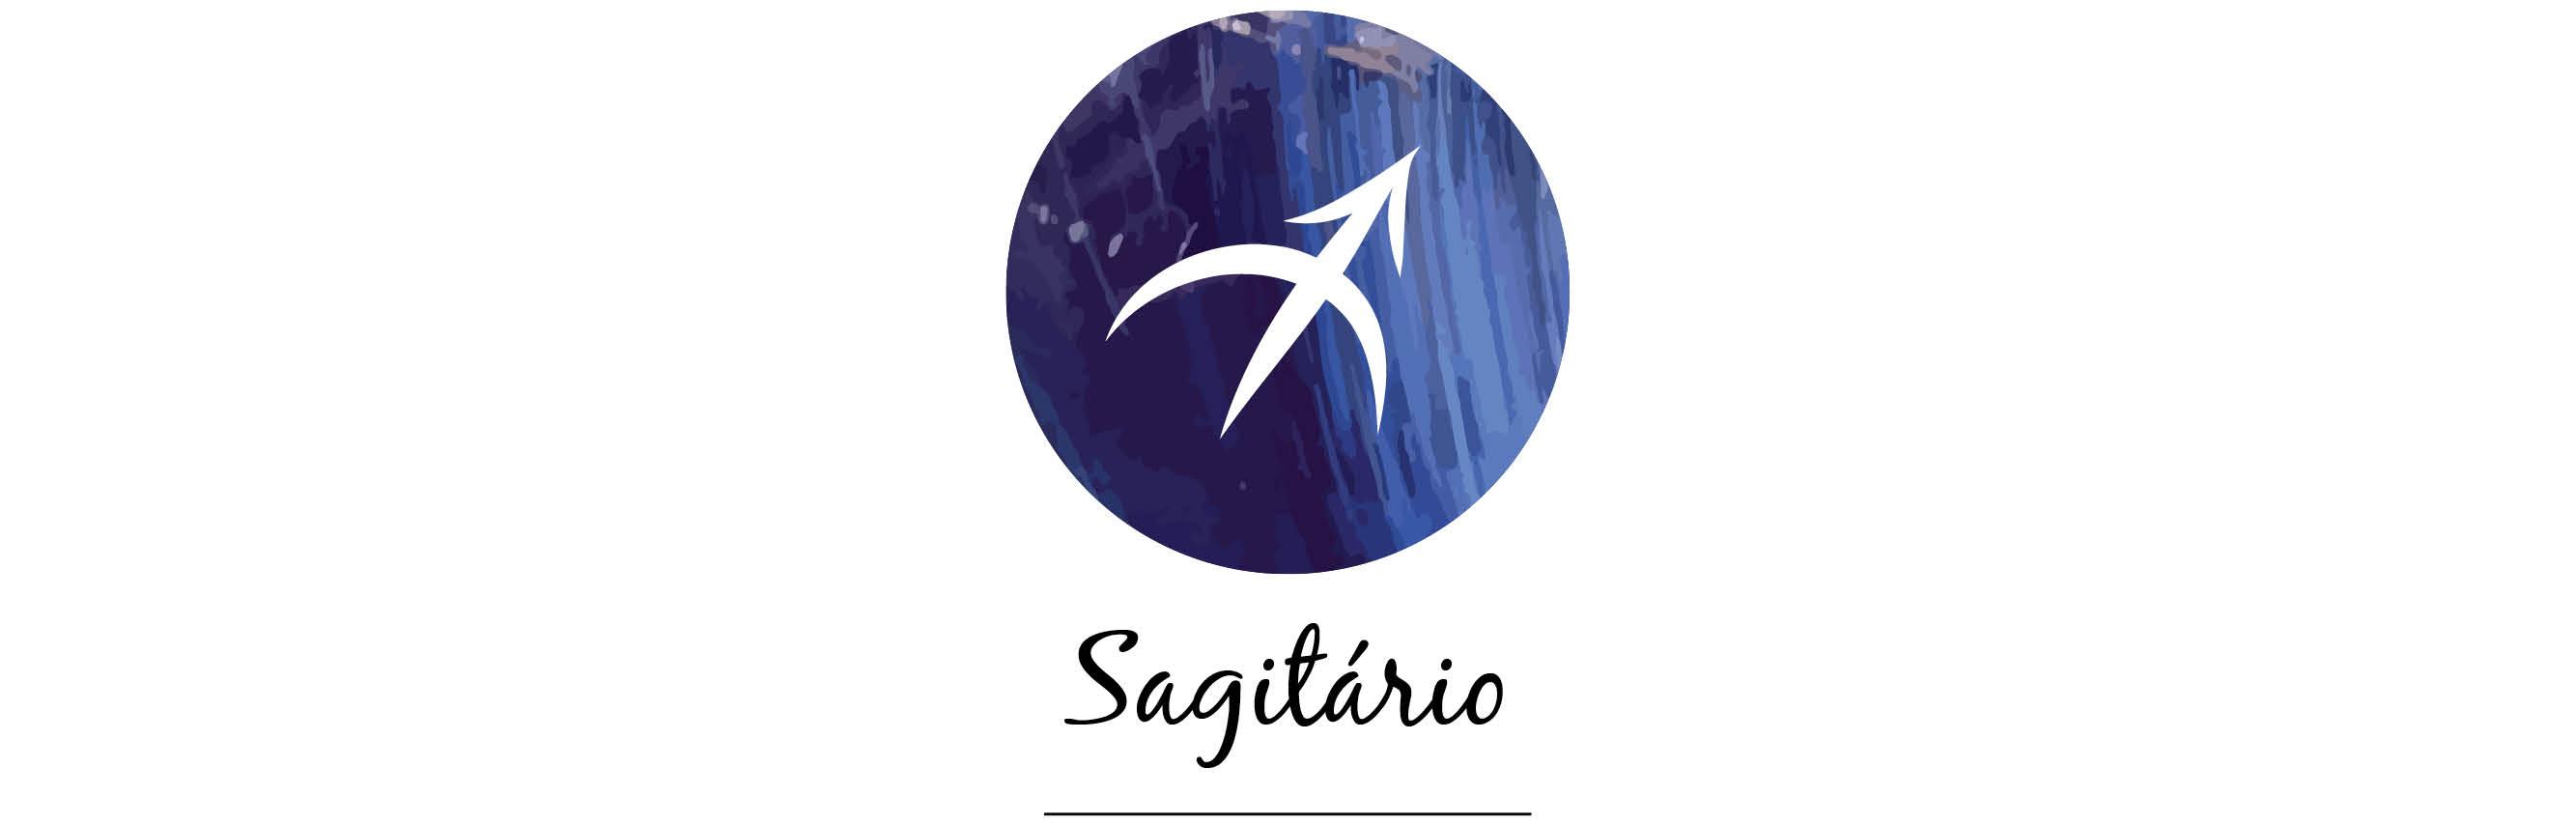 Sagitario1